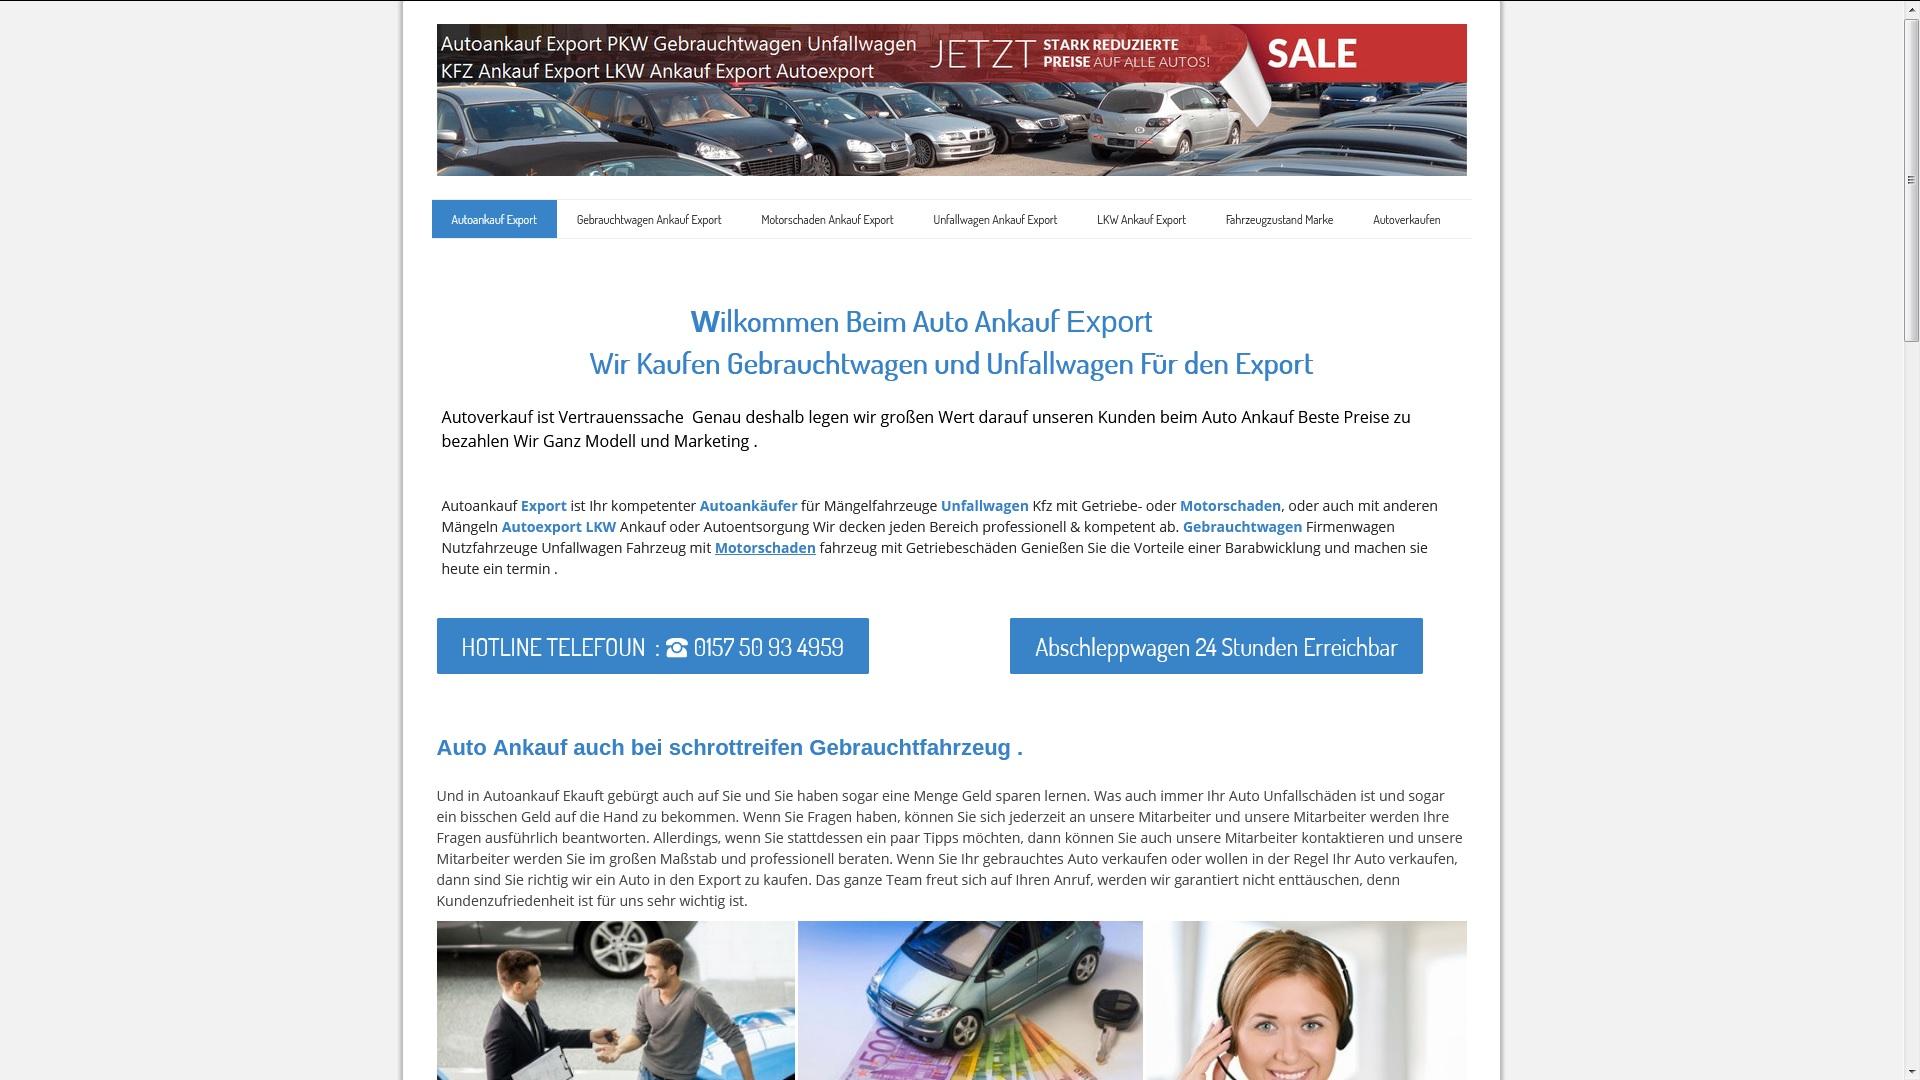 autoankauf saarbruecken kauft jeden gebrauchtwagen an - Autoankauf Saarbrücken kauft jeden Gebrauchtwagen an!